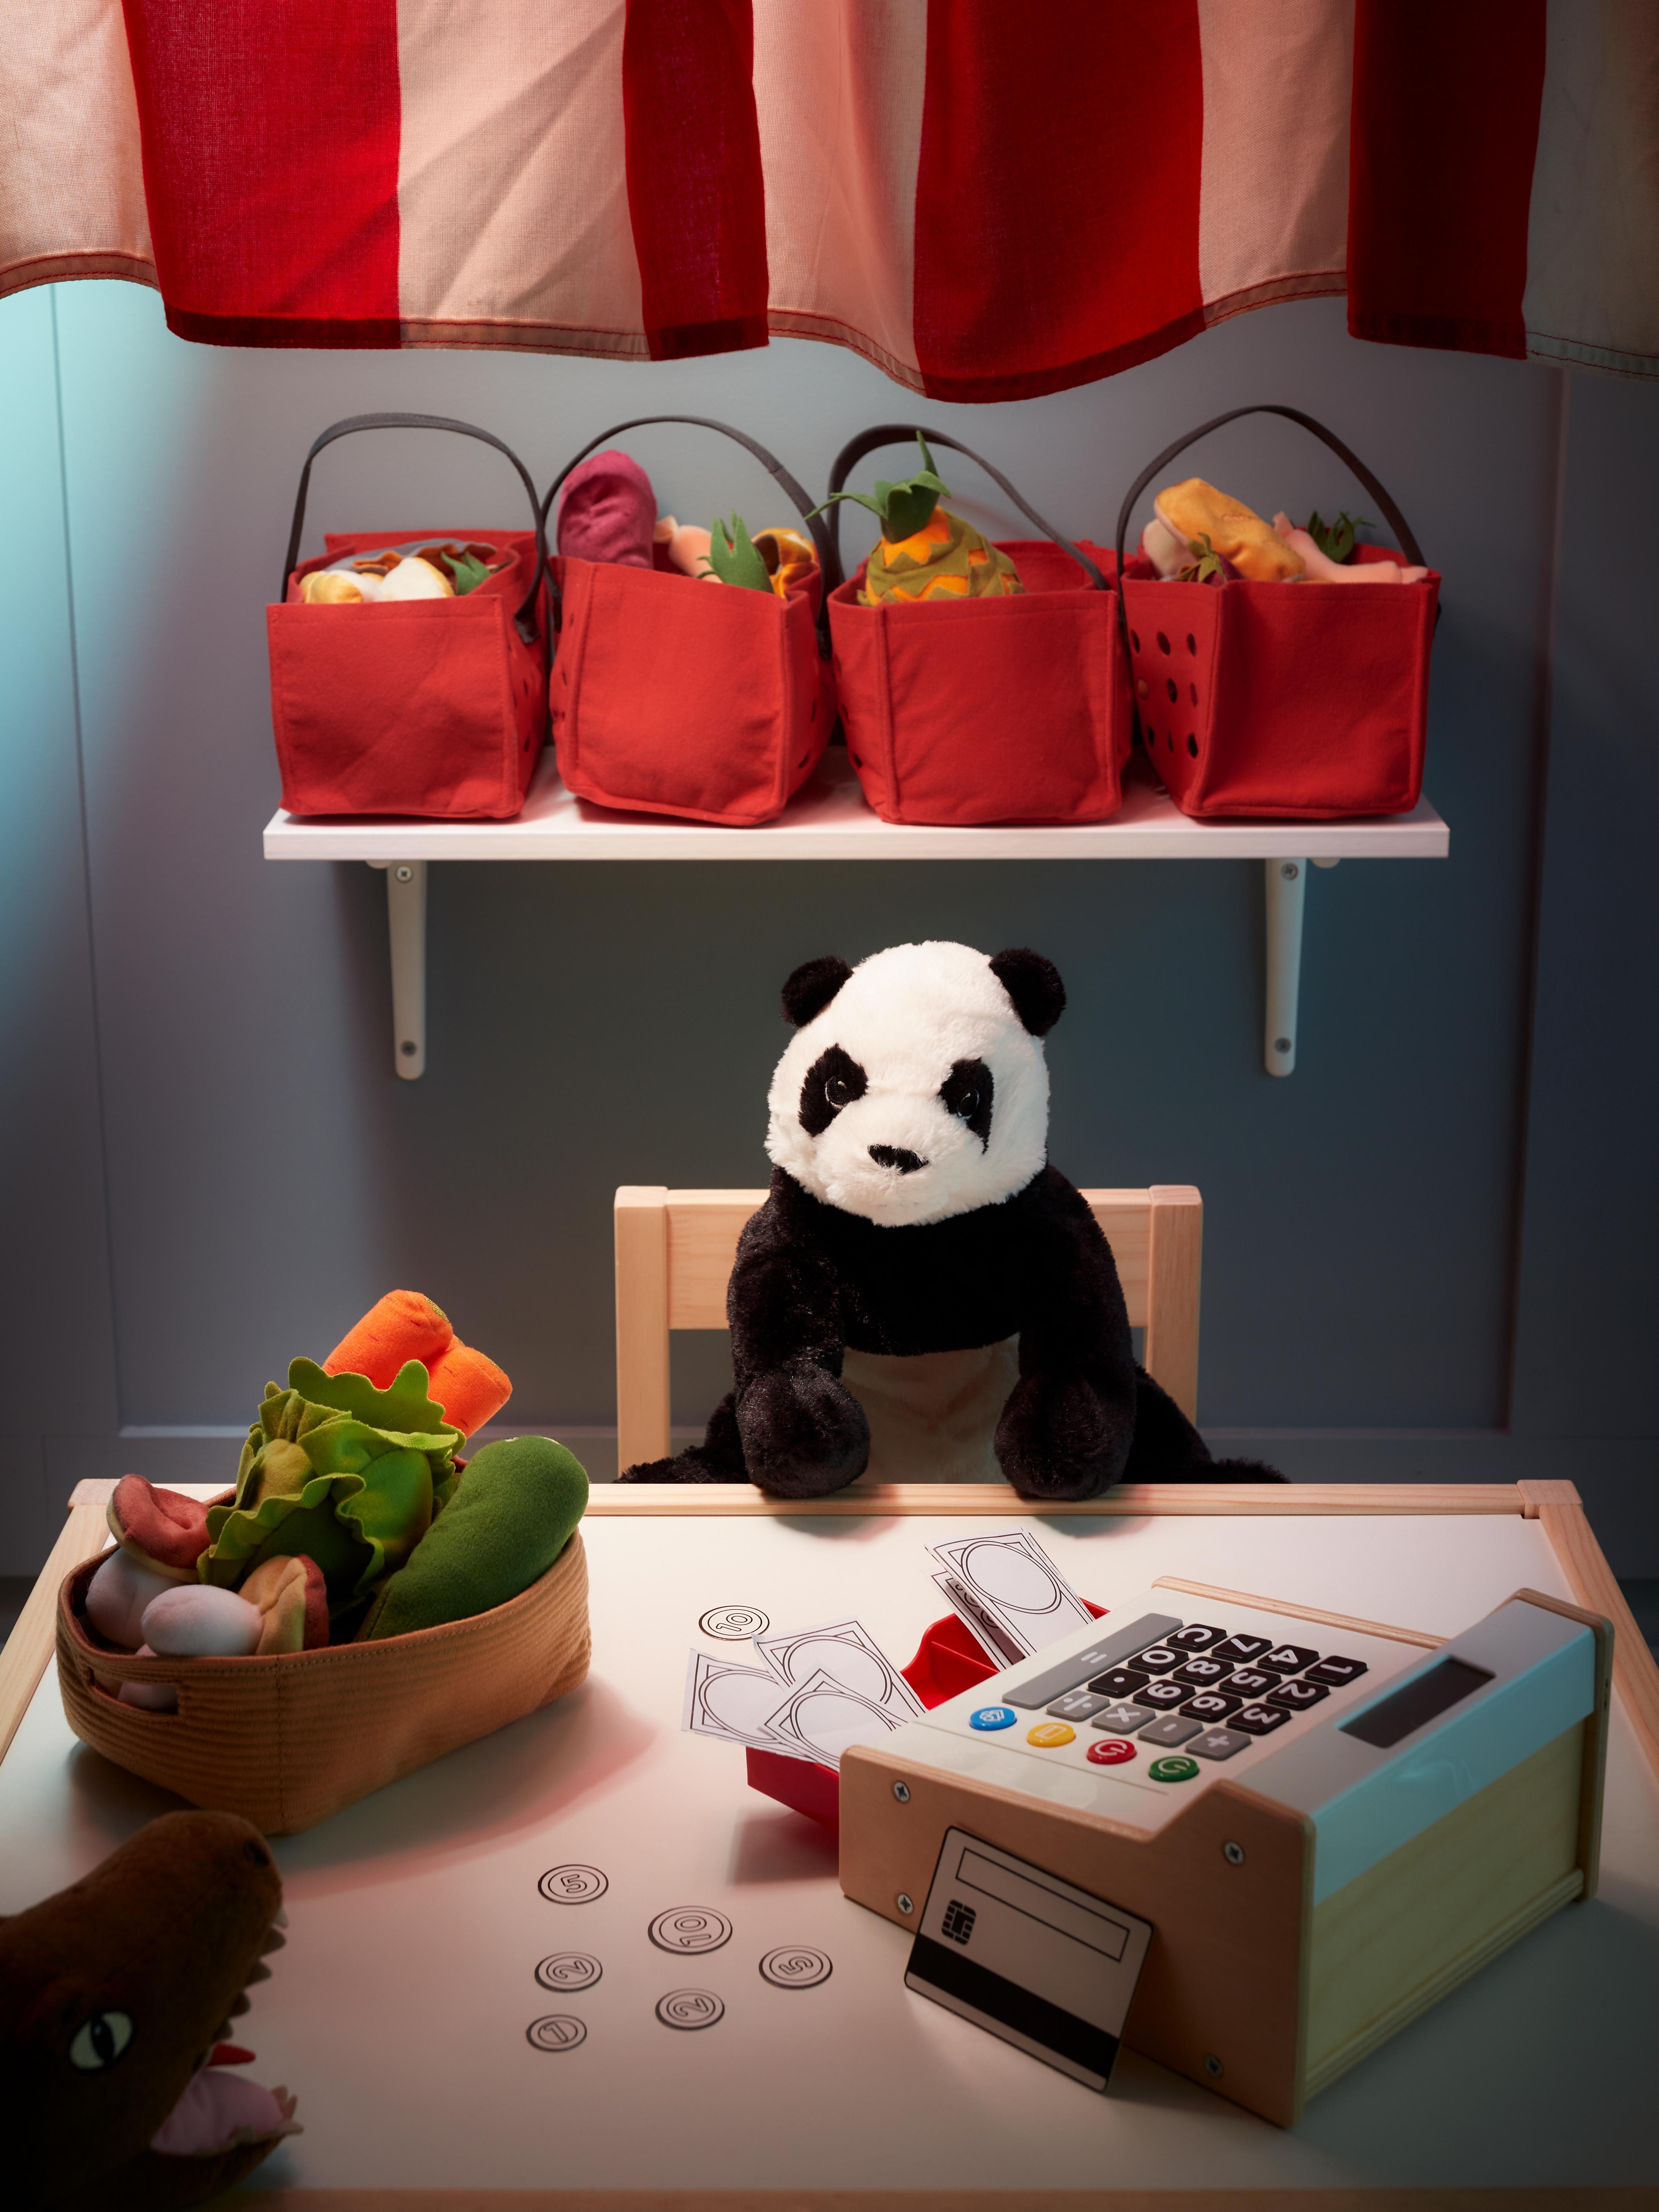 Panda hartza haurraren aulkian eserita. Ondoan duen mahai gainean kutxazaina eta DUKTIG jostailuzko barazki sorta daude.